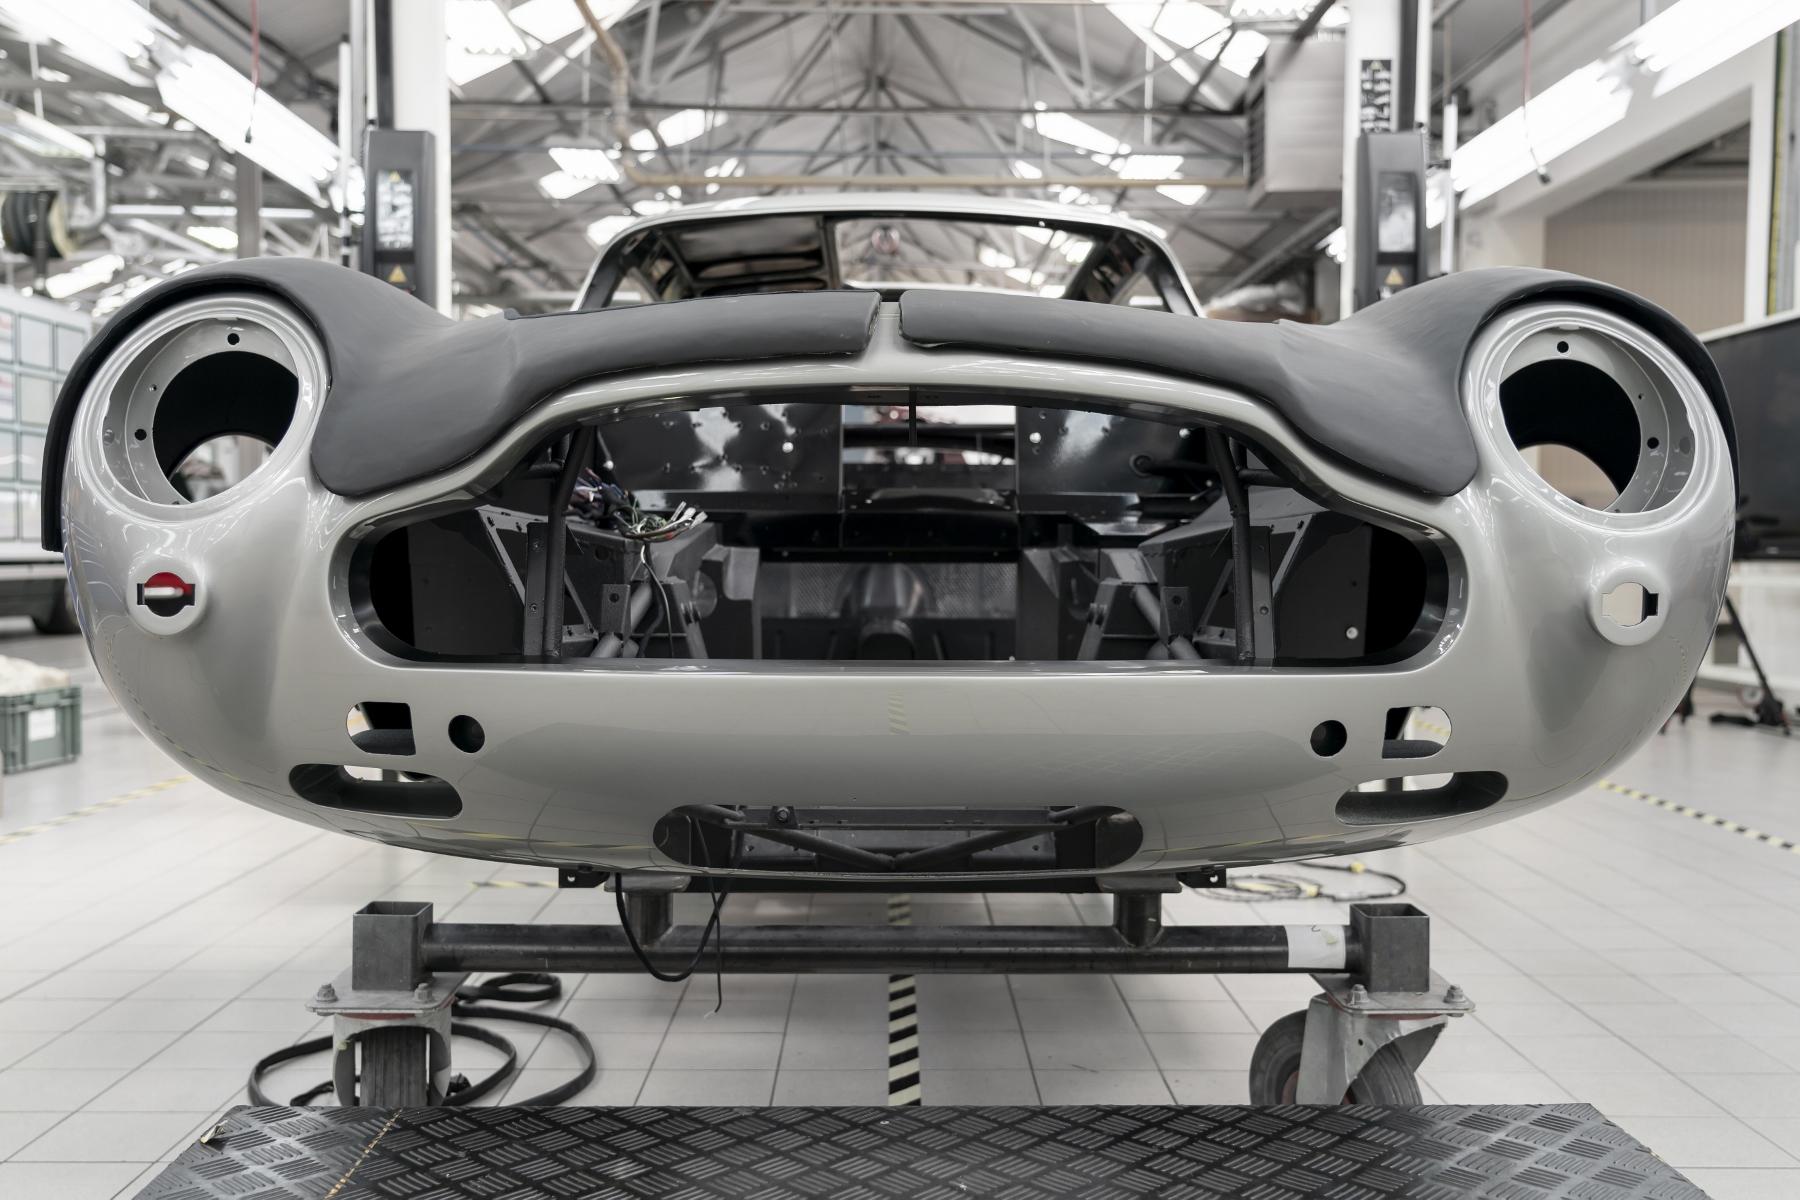 Po 55 rokoch začne Aston Martin opäť vyrábať auto Jamesa Bonda aj s filmovými vychytávkami